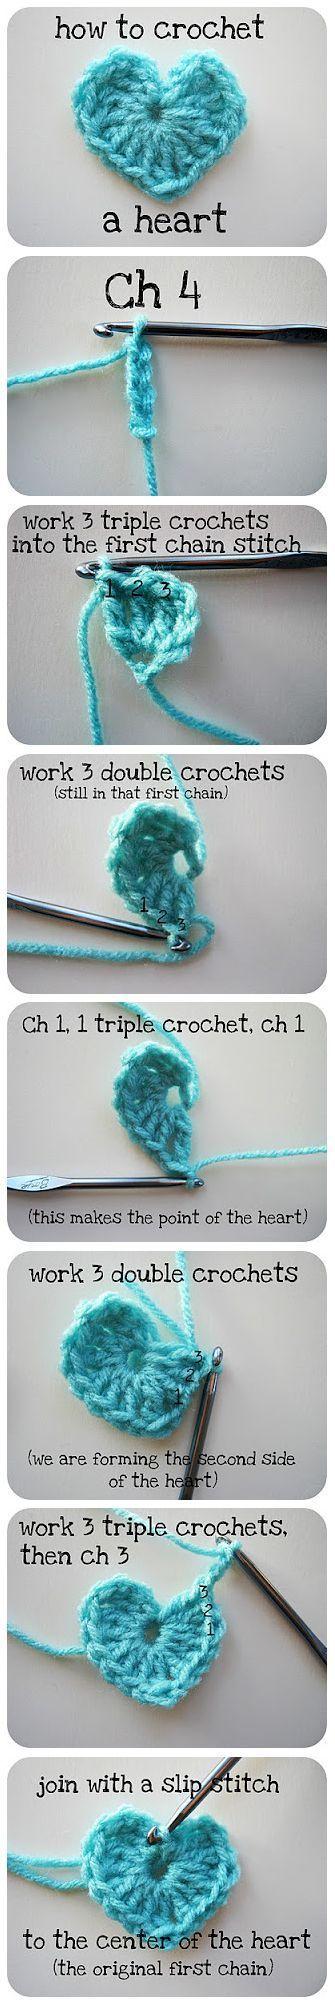 media-cache-ak0.pinimg.com 640x a3 fe ea a3feeaadb1c7ab7465ef559661db03dd.jpg #crochetflowers